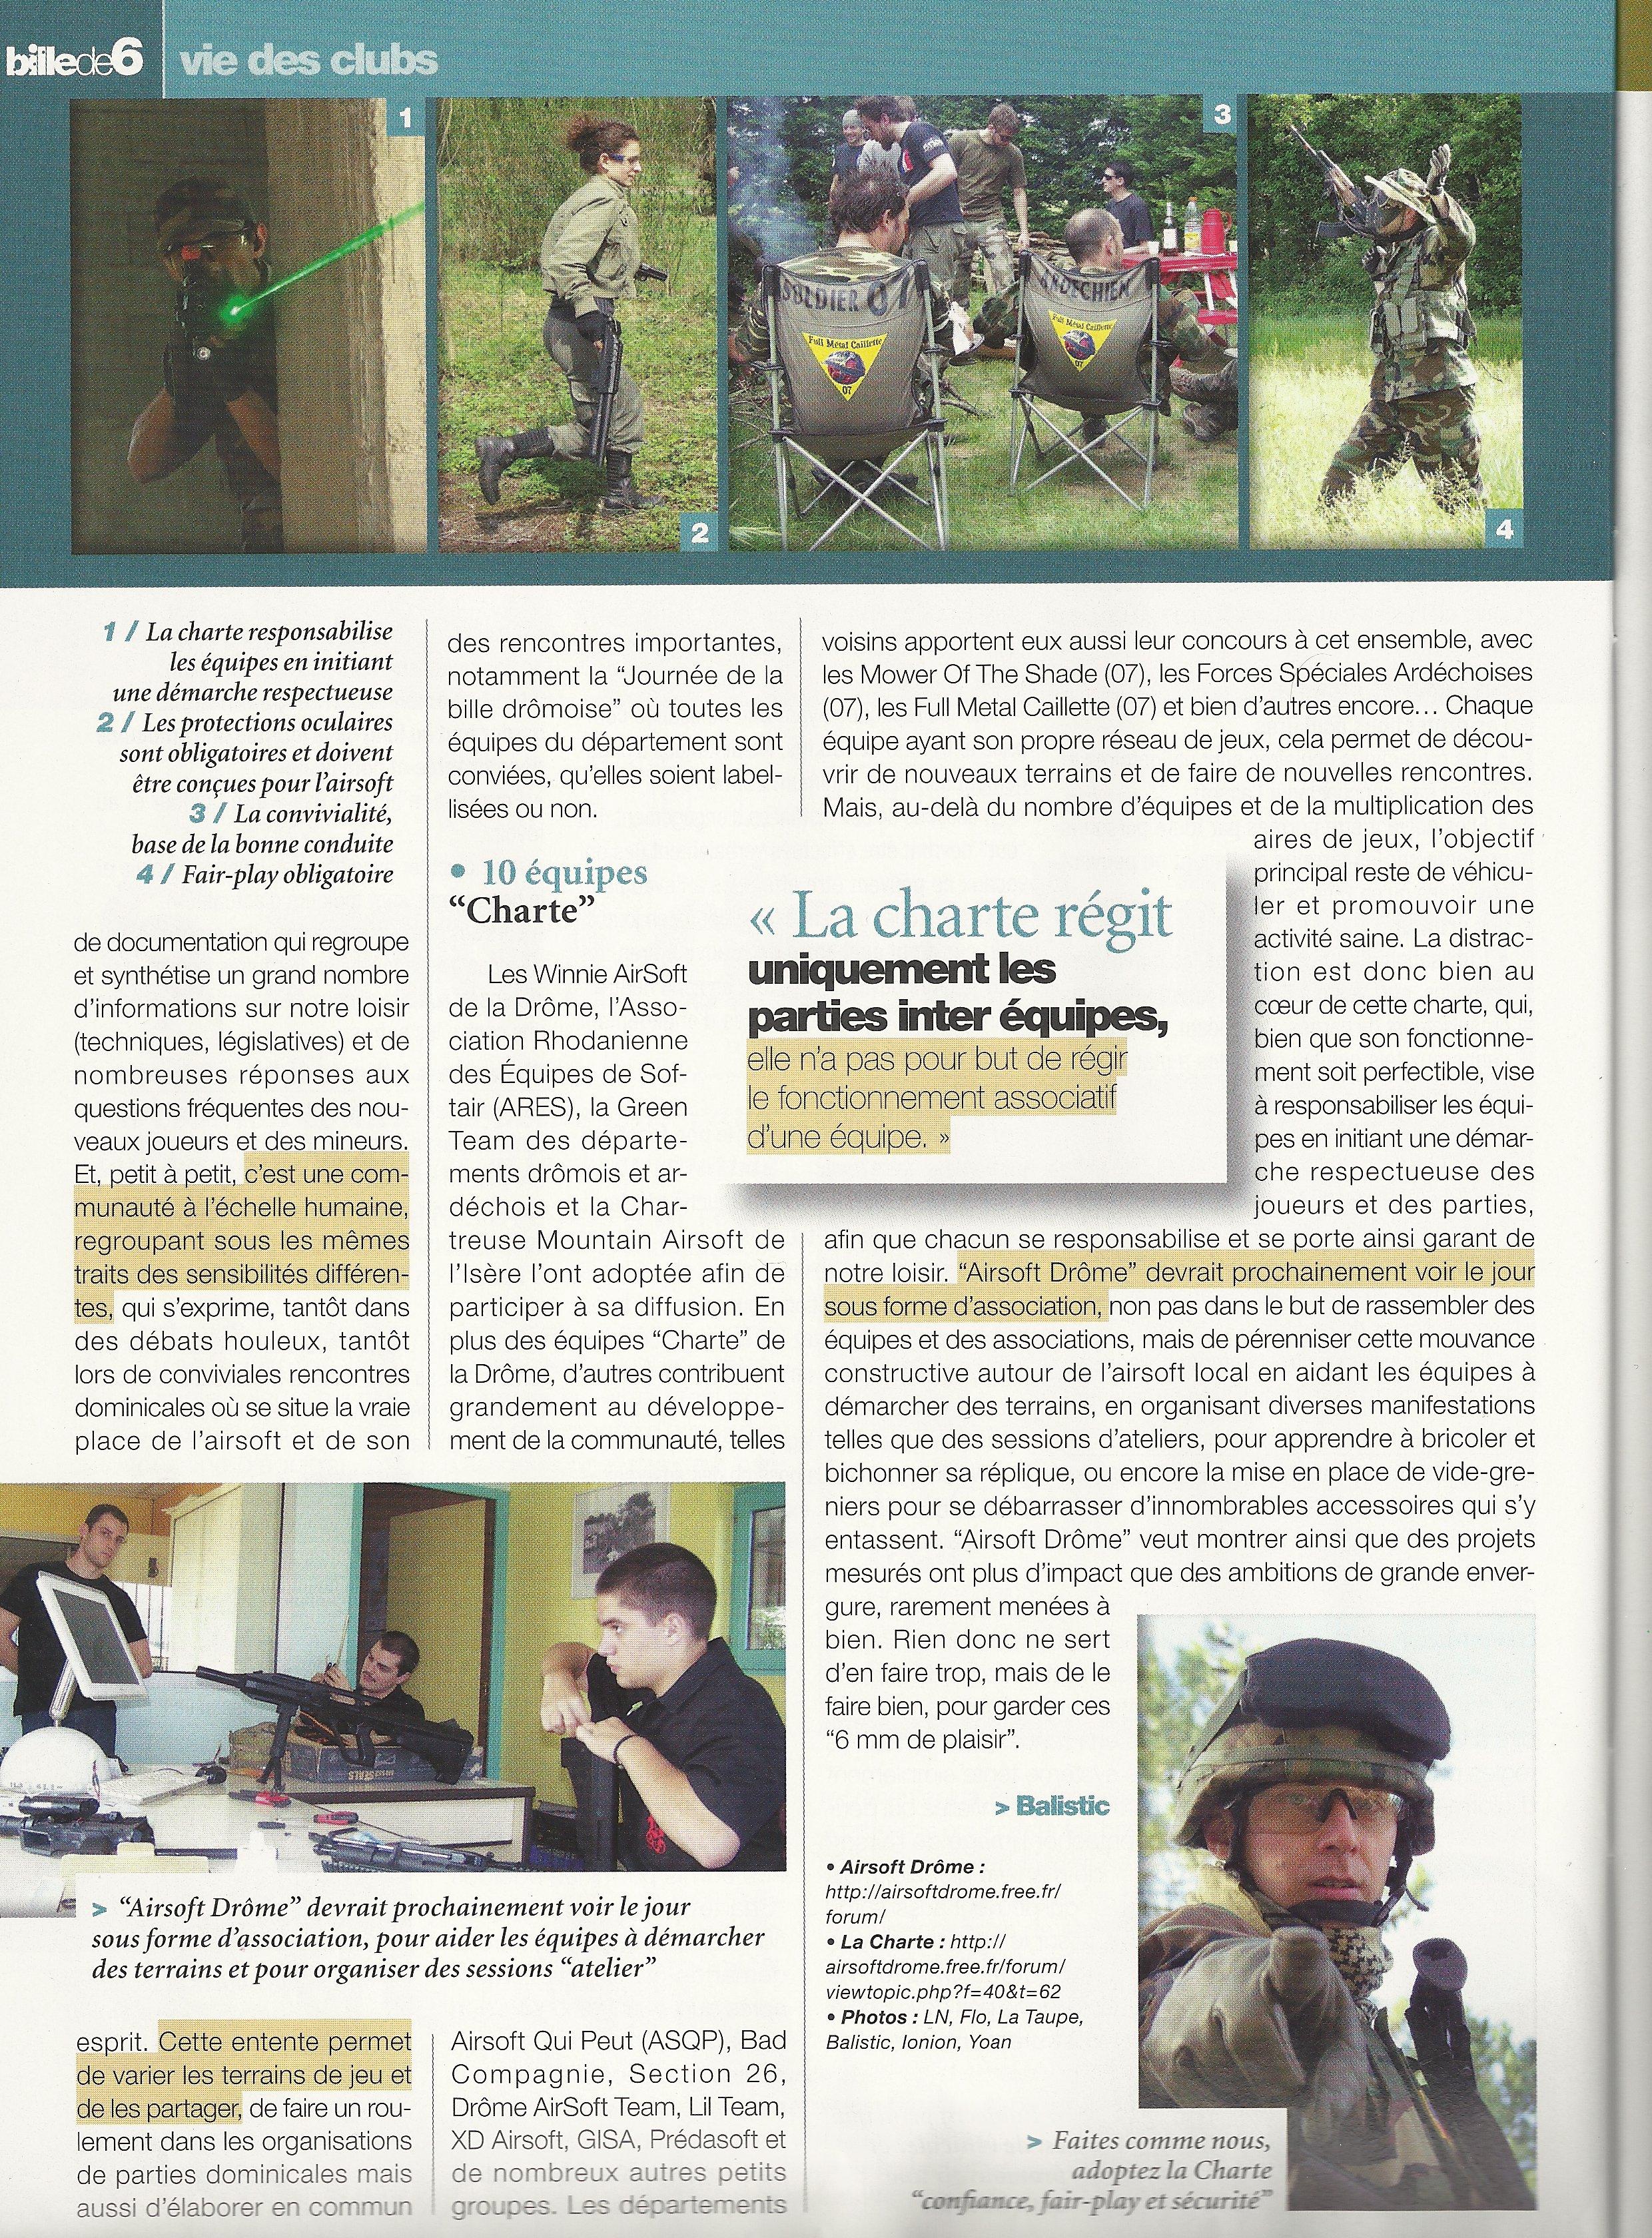 article sur airsoft drome paru dans la revue bille de 6 SCAN0007